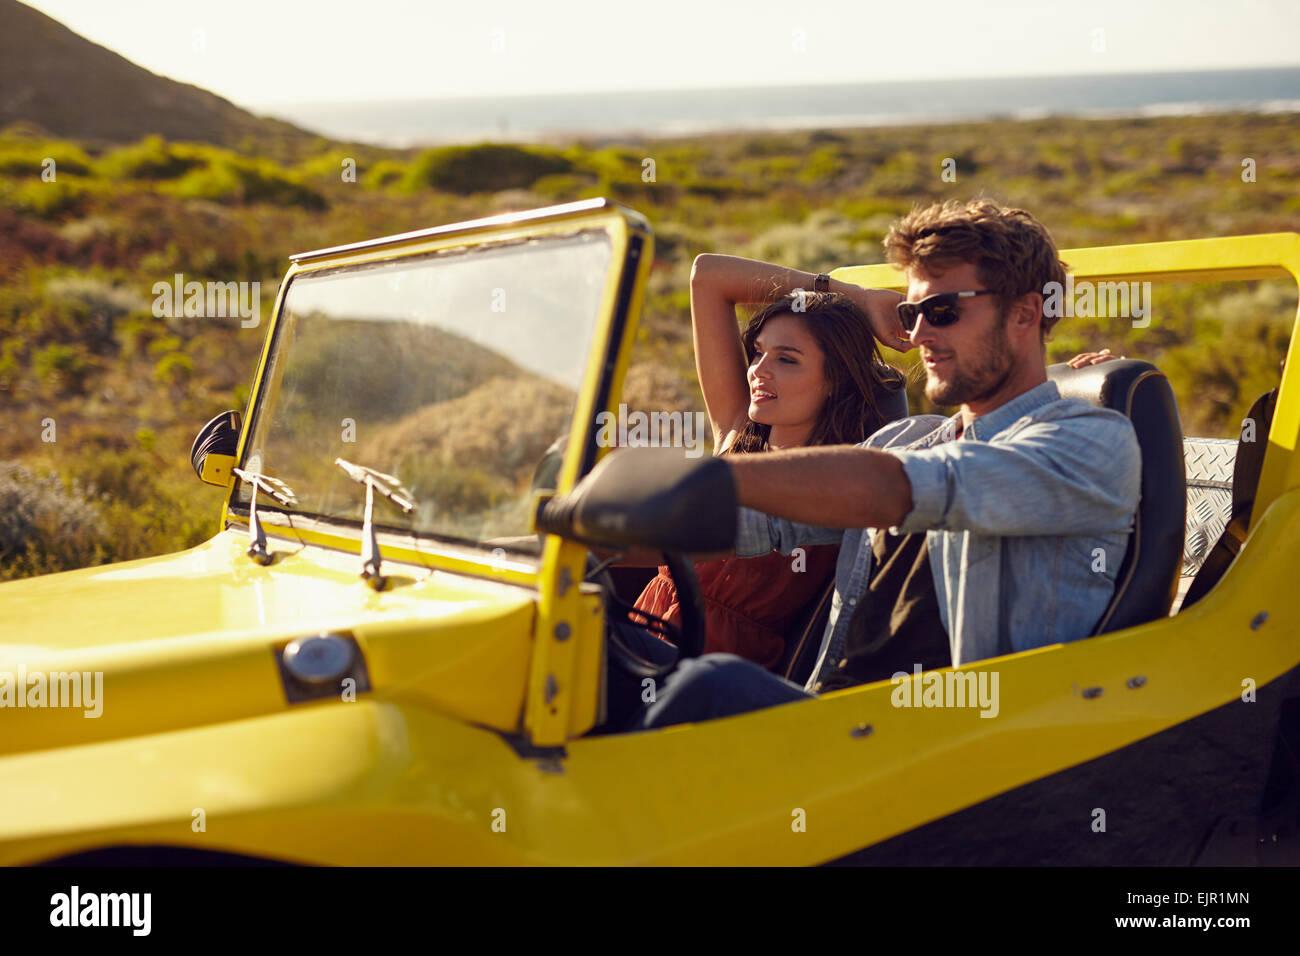 Pareja joven conduciendo su automóvil en un roadtrip. Apuesto joven con su novia en vacaciones. Pareja en un Imagen De Stock